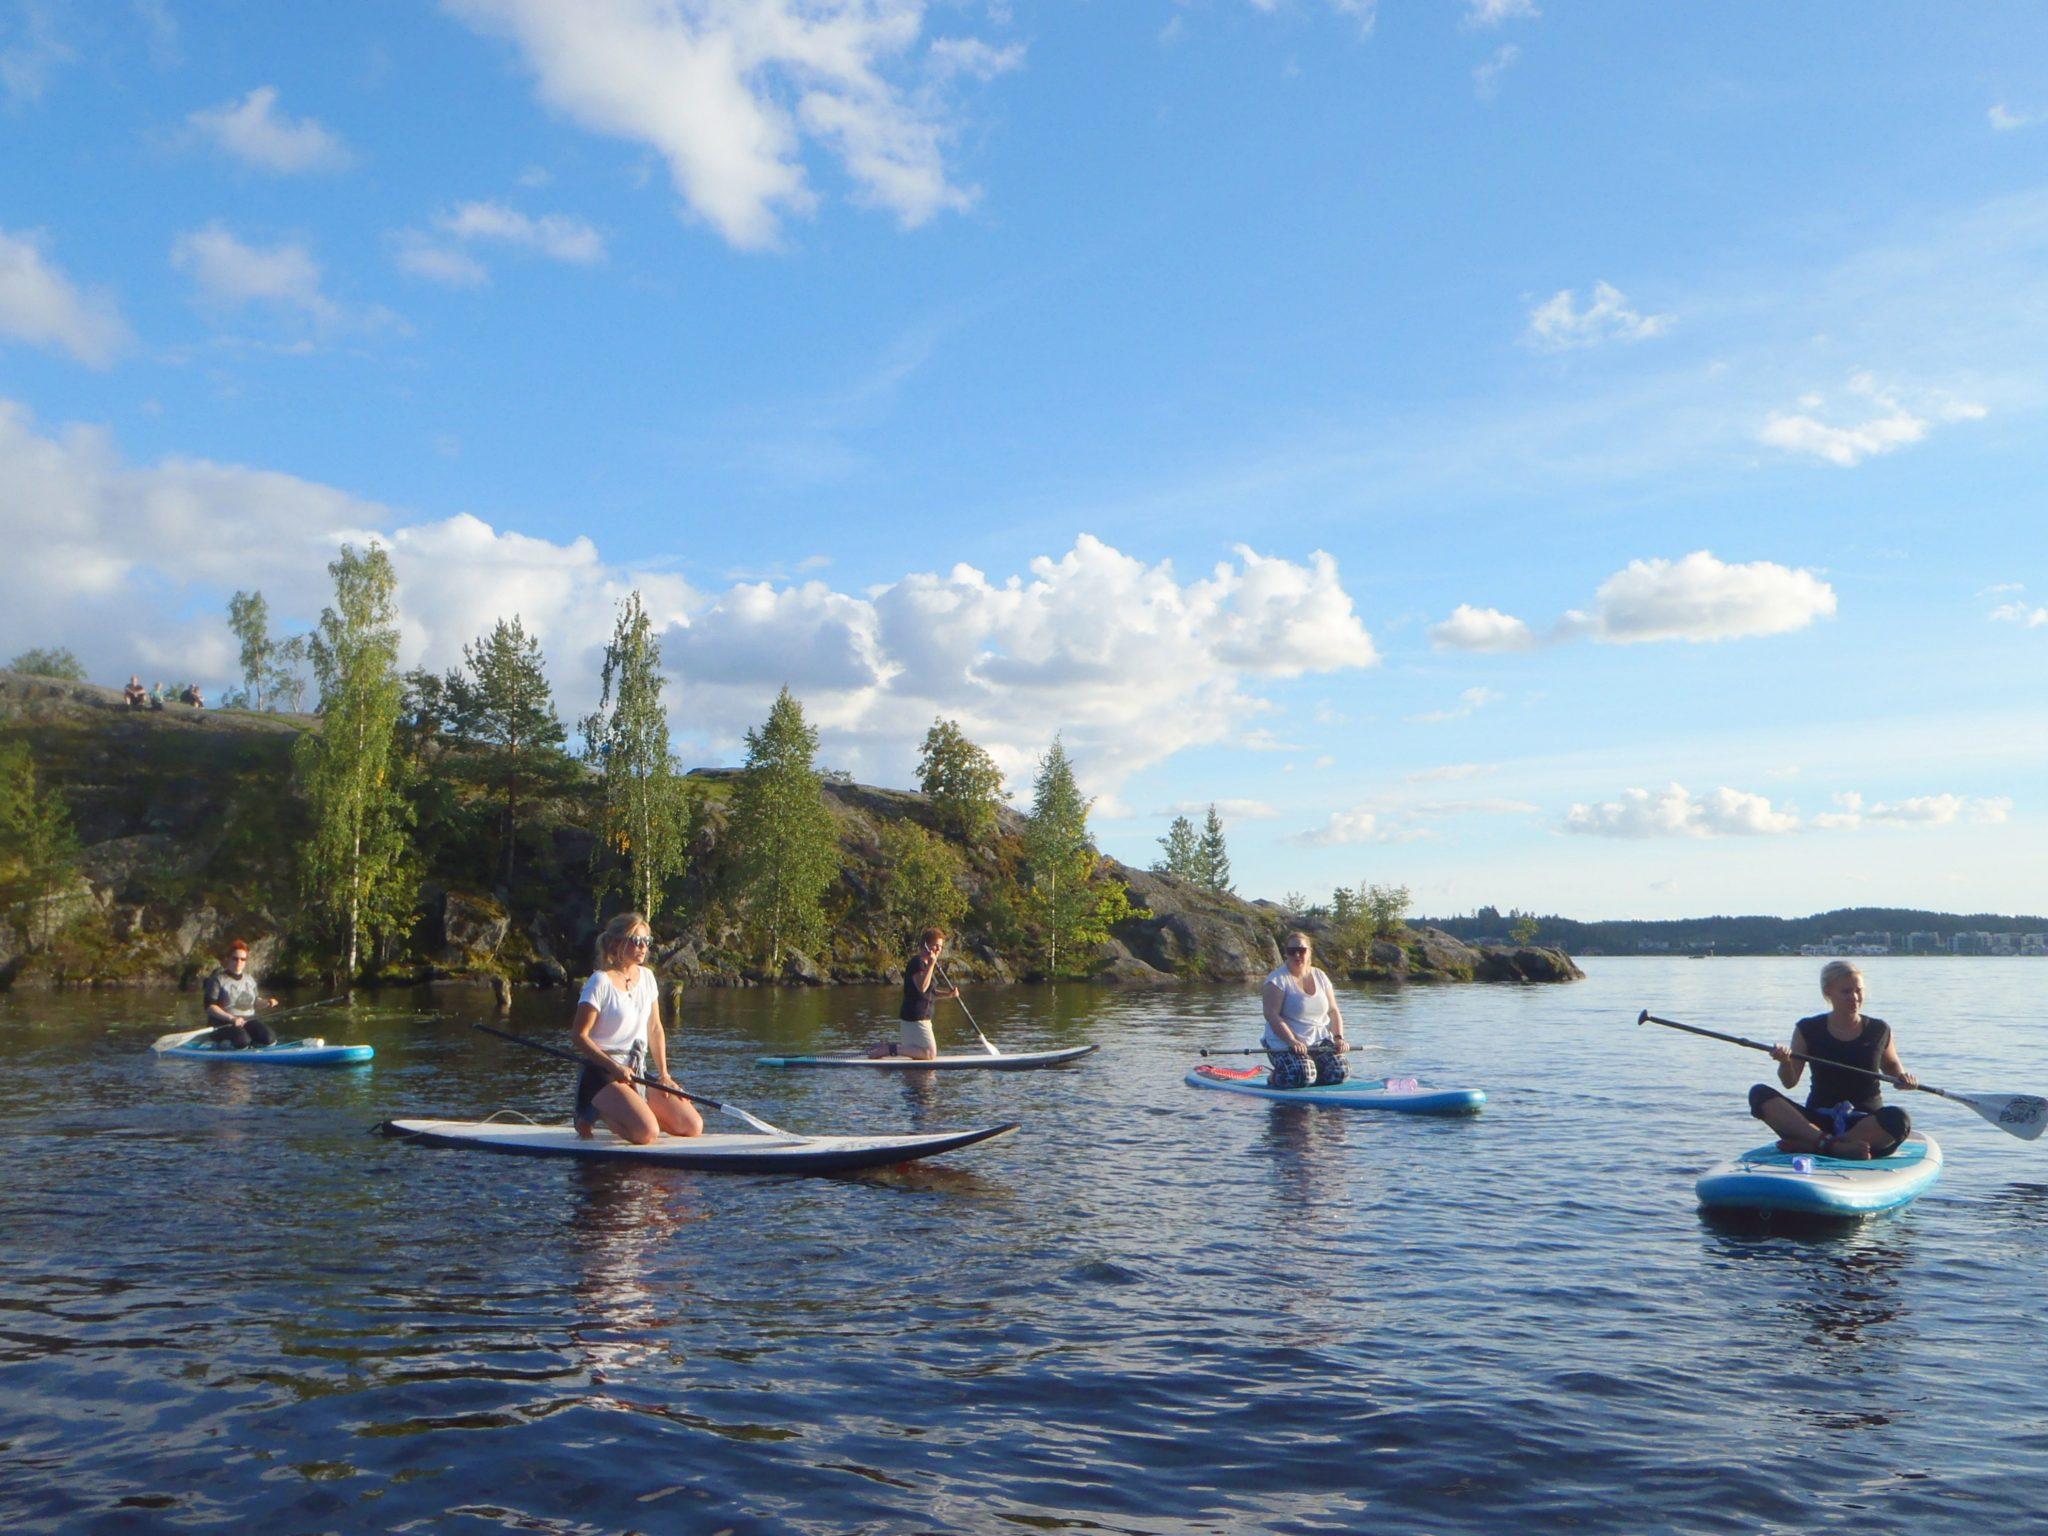 tekemistä Tampereella kesä uimaranta suppailu